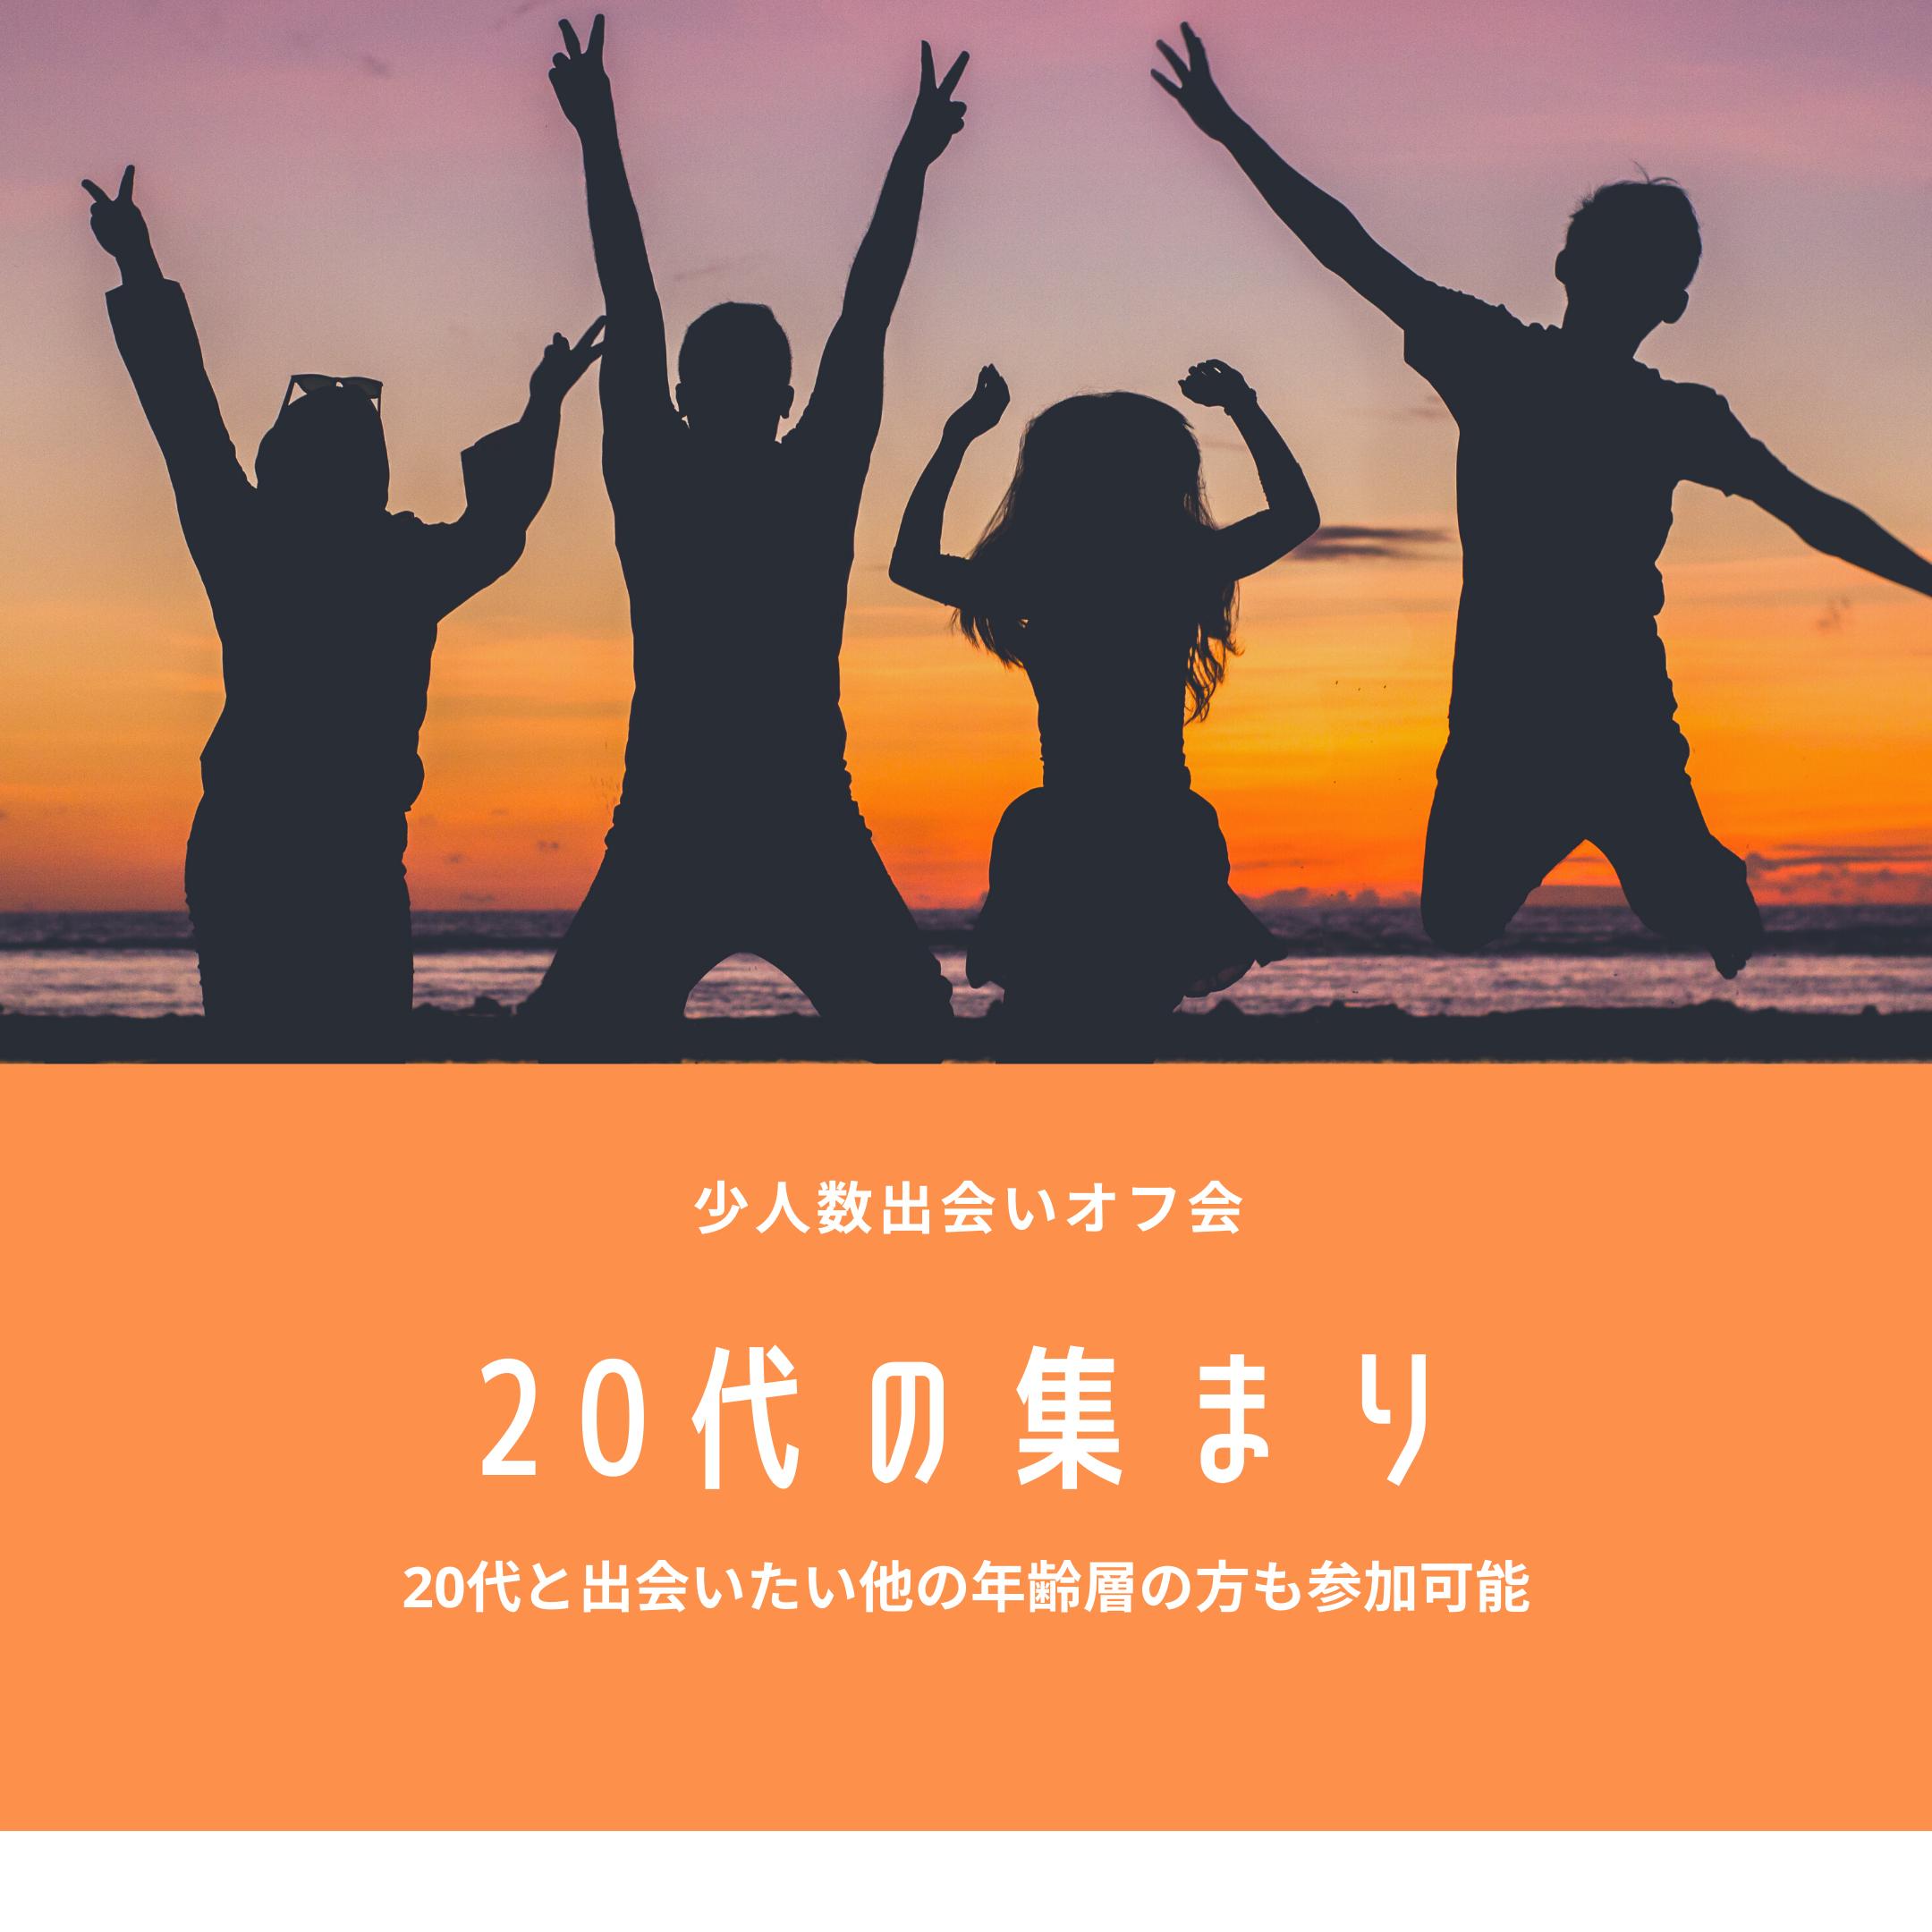 【大阪】20代の少人数出会いオフ会